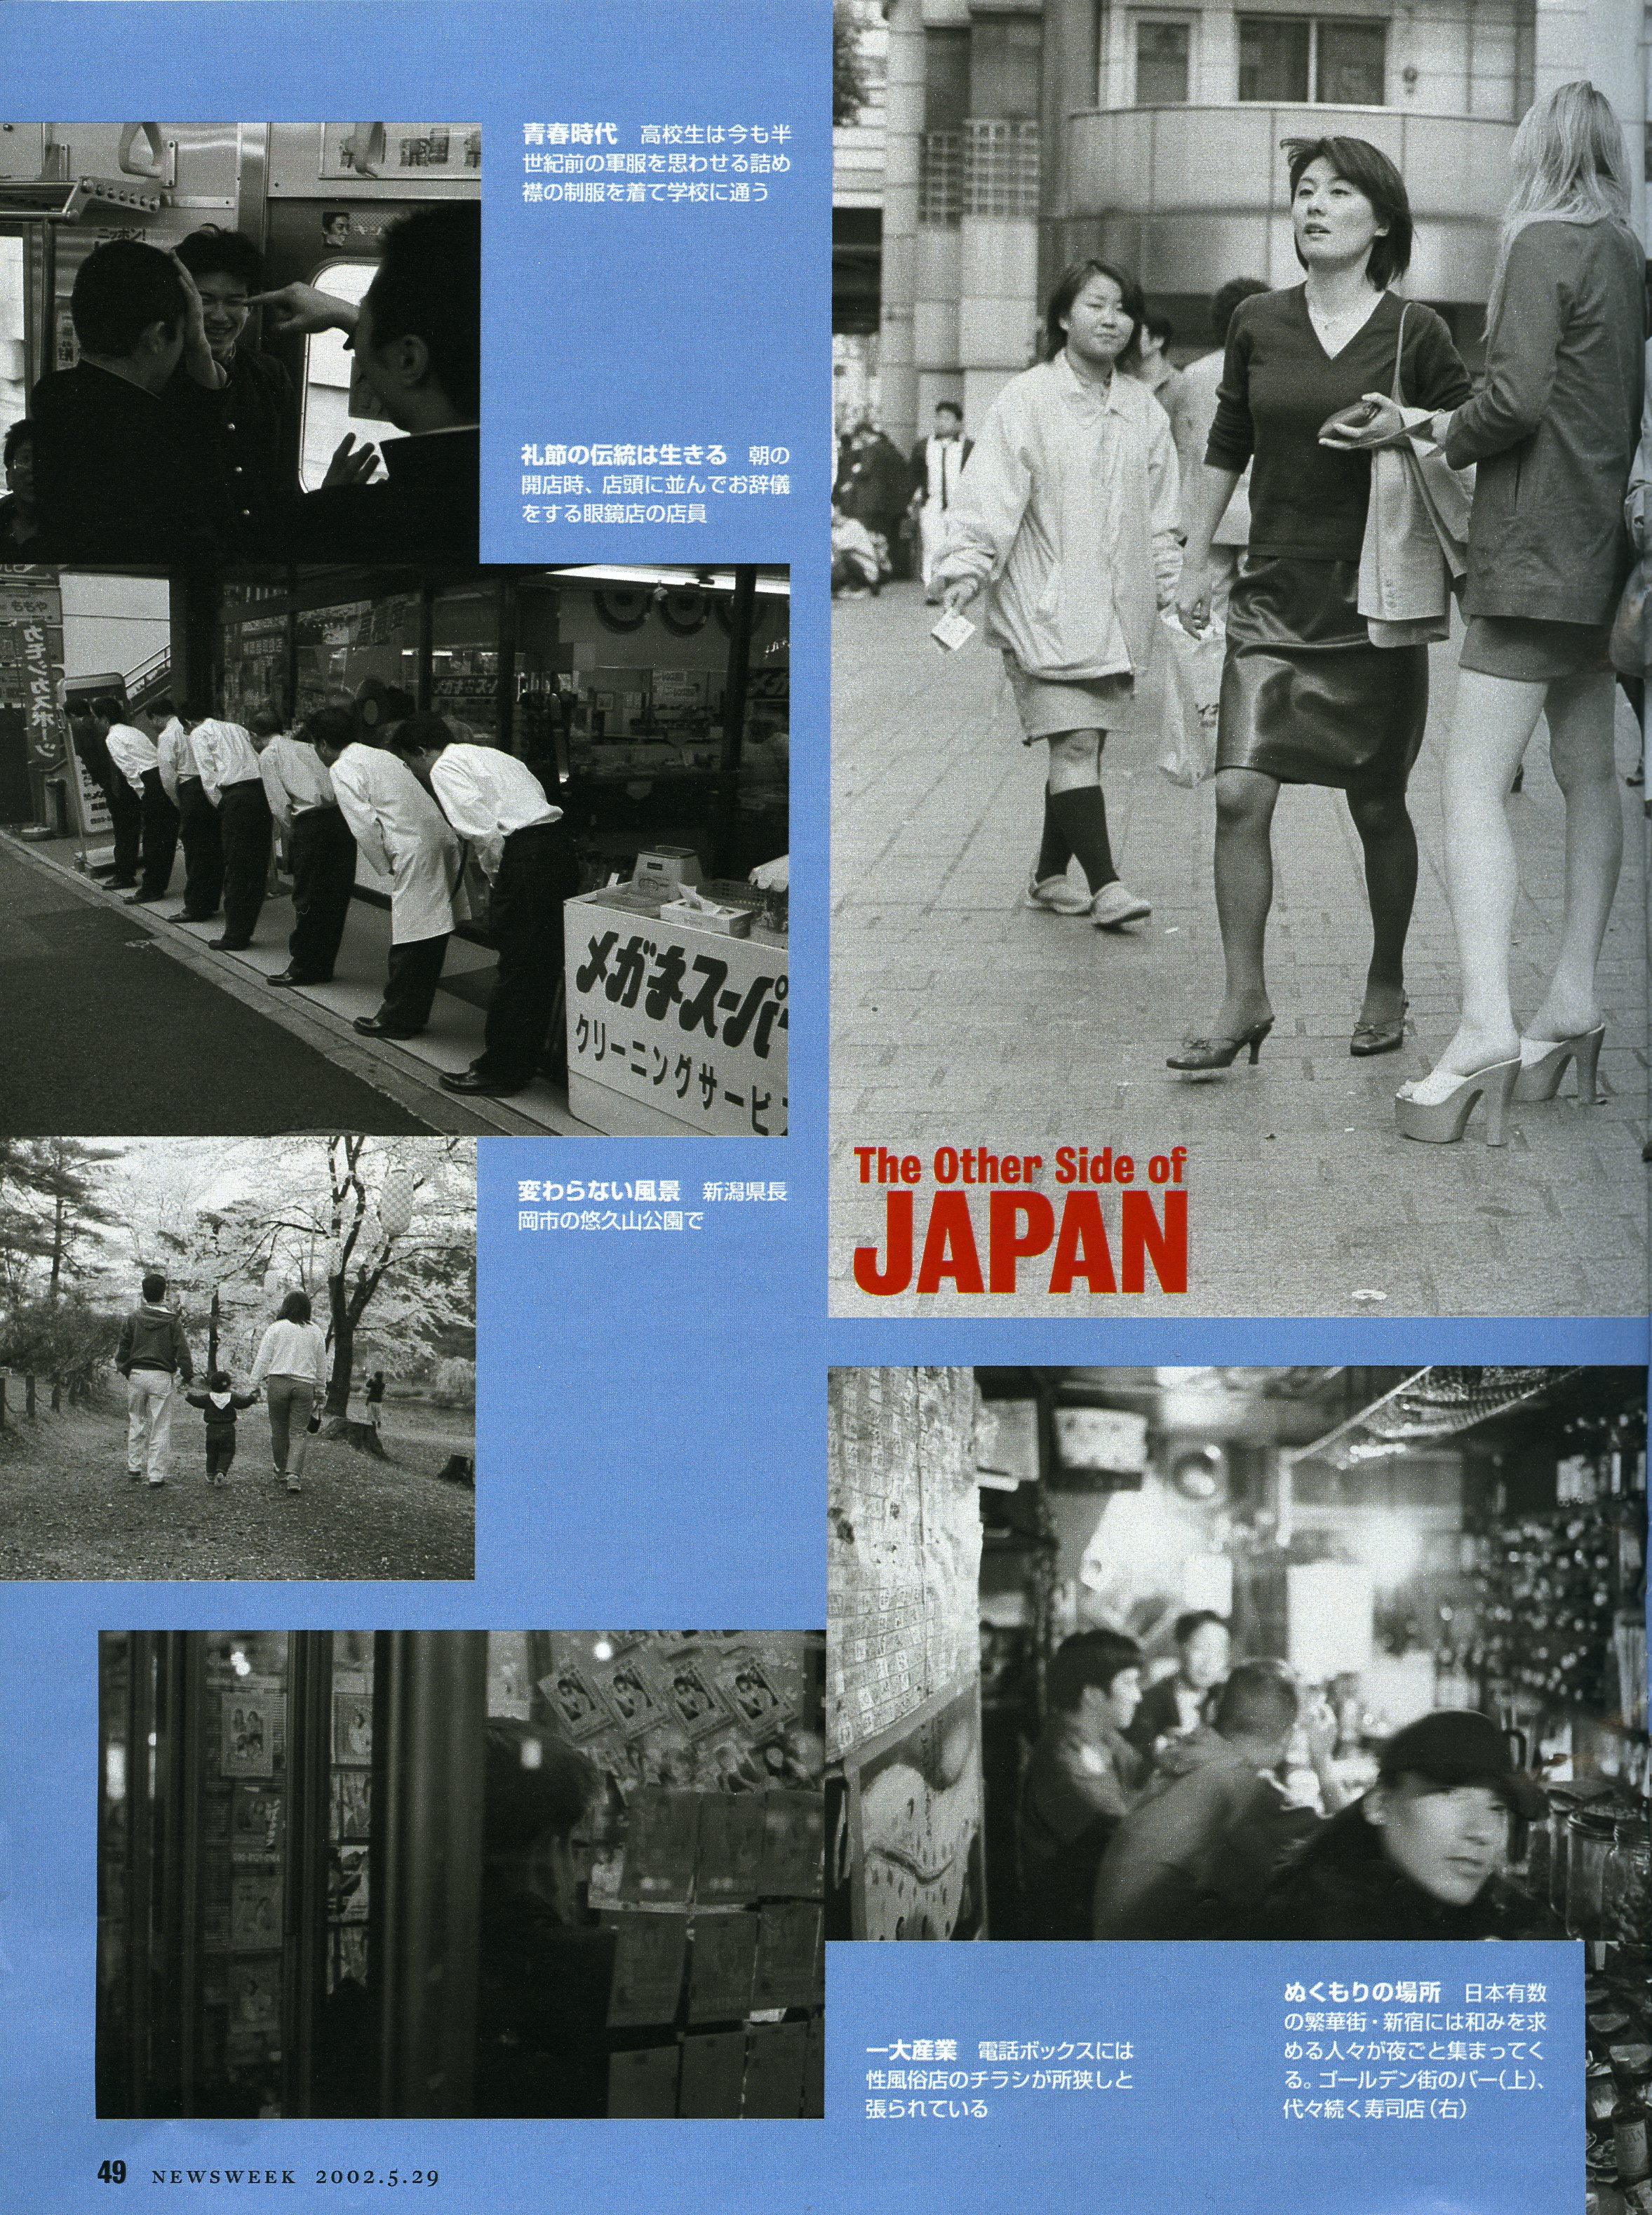 05292002_NEWSWEEK_JAPAN_12.jpg